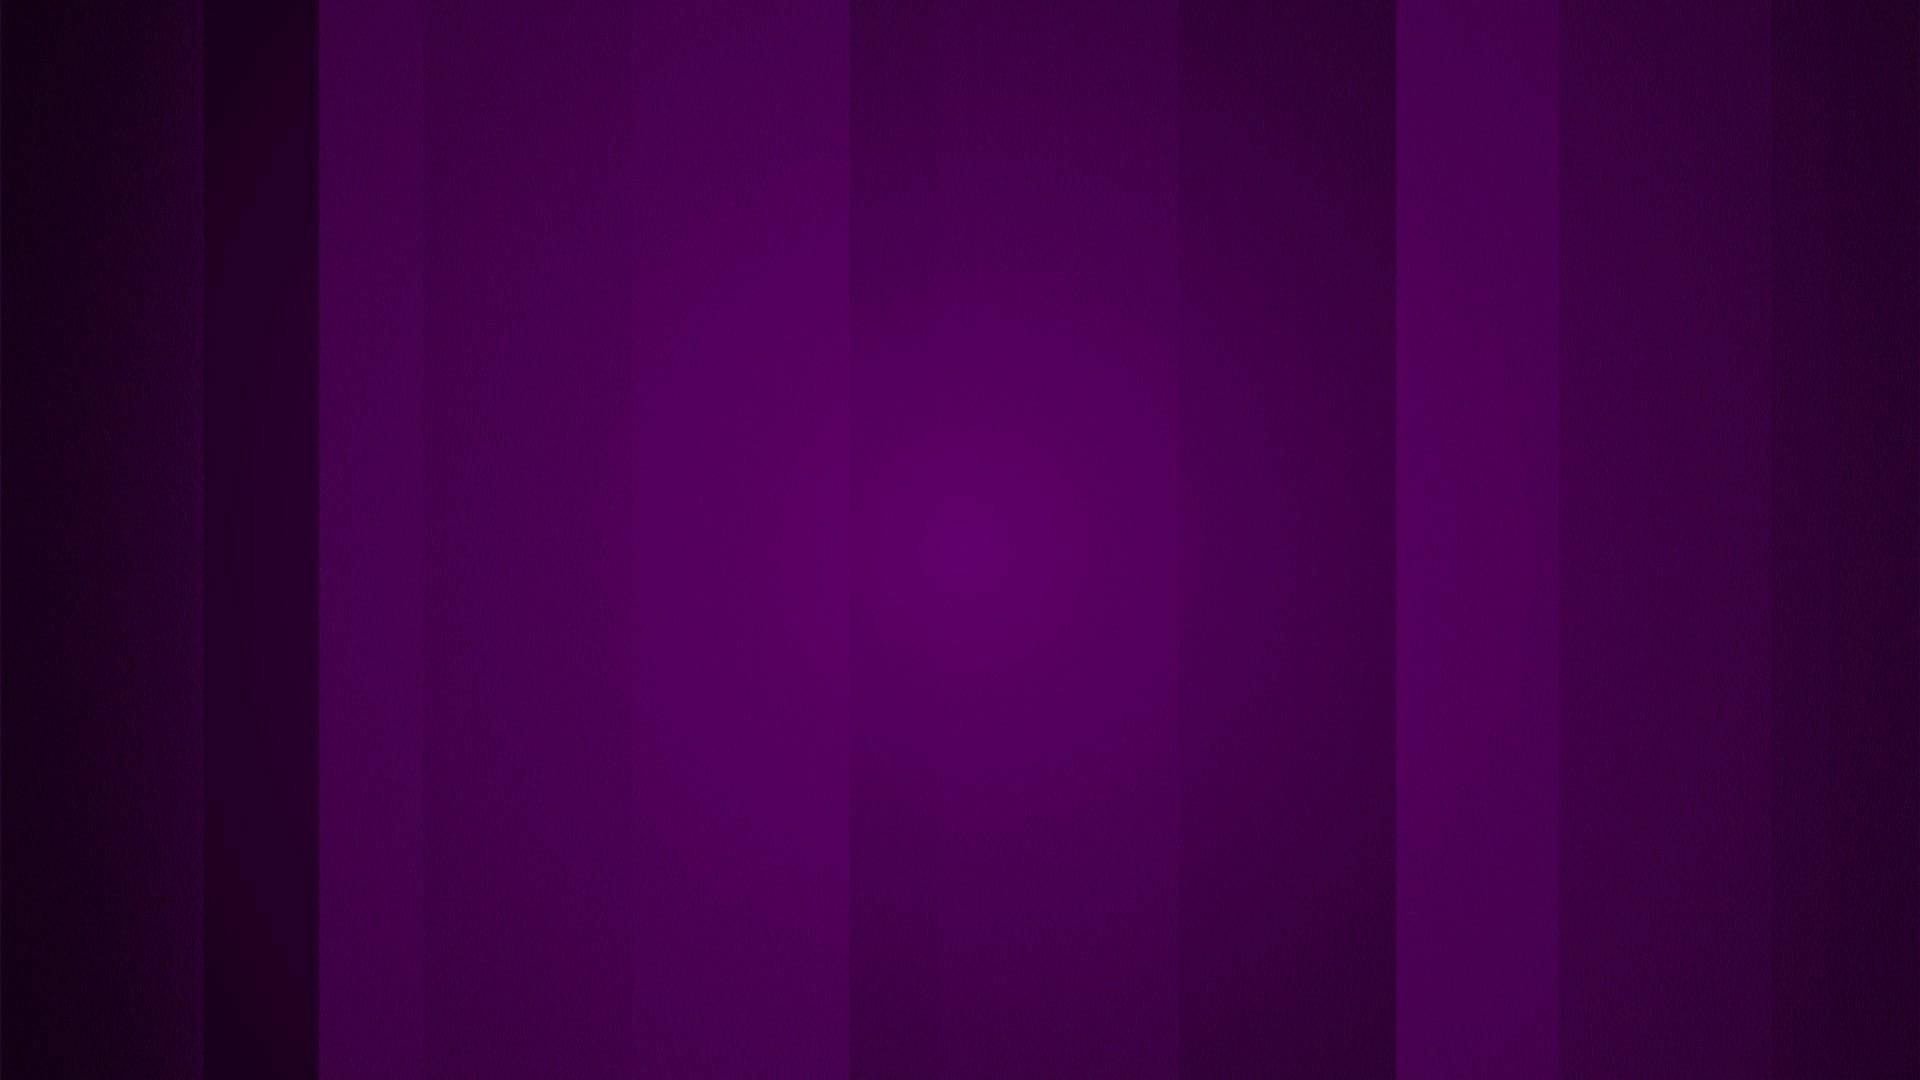 purple wallpaper 46456